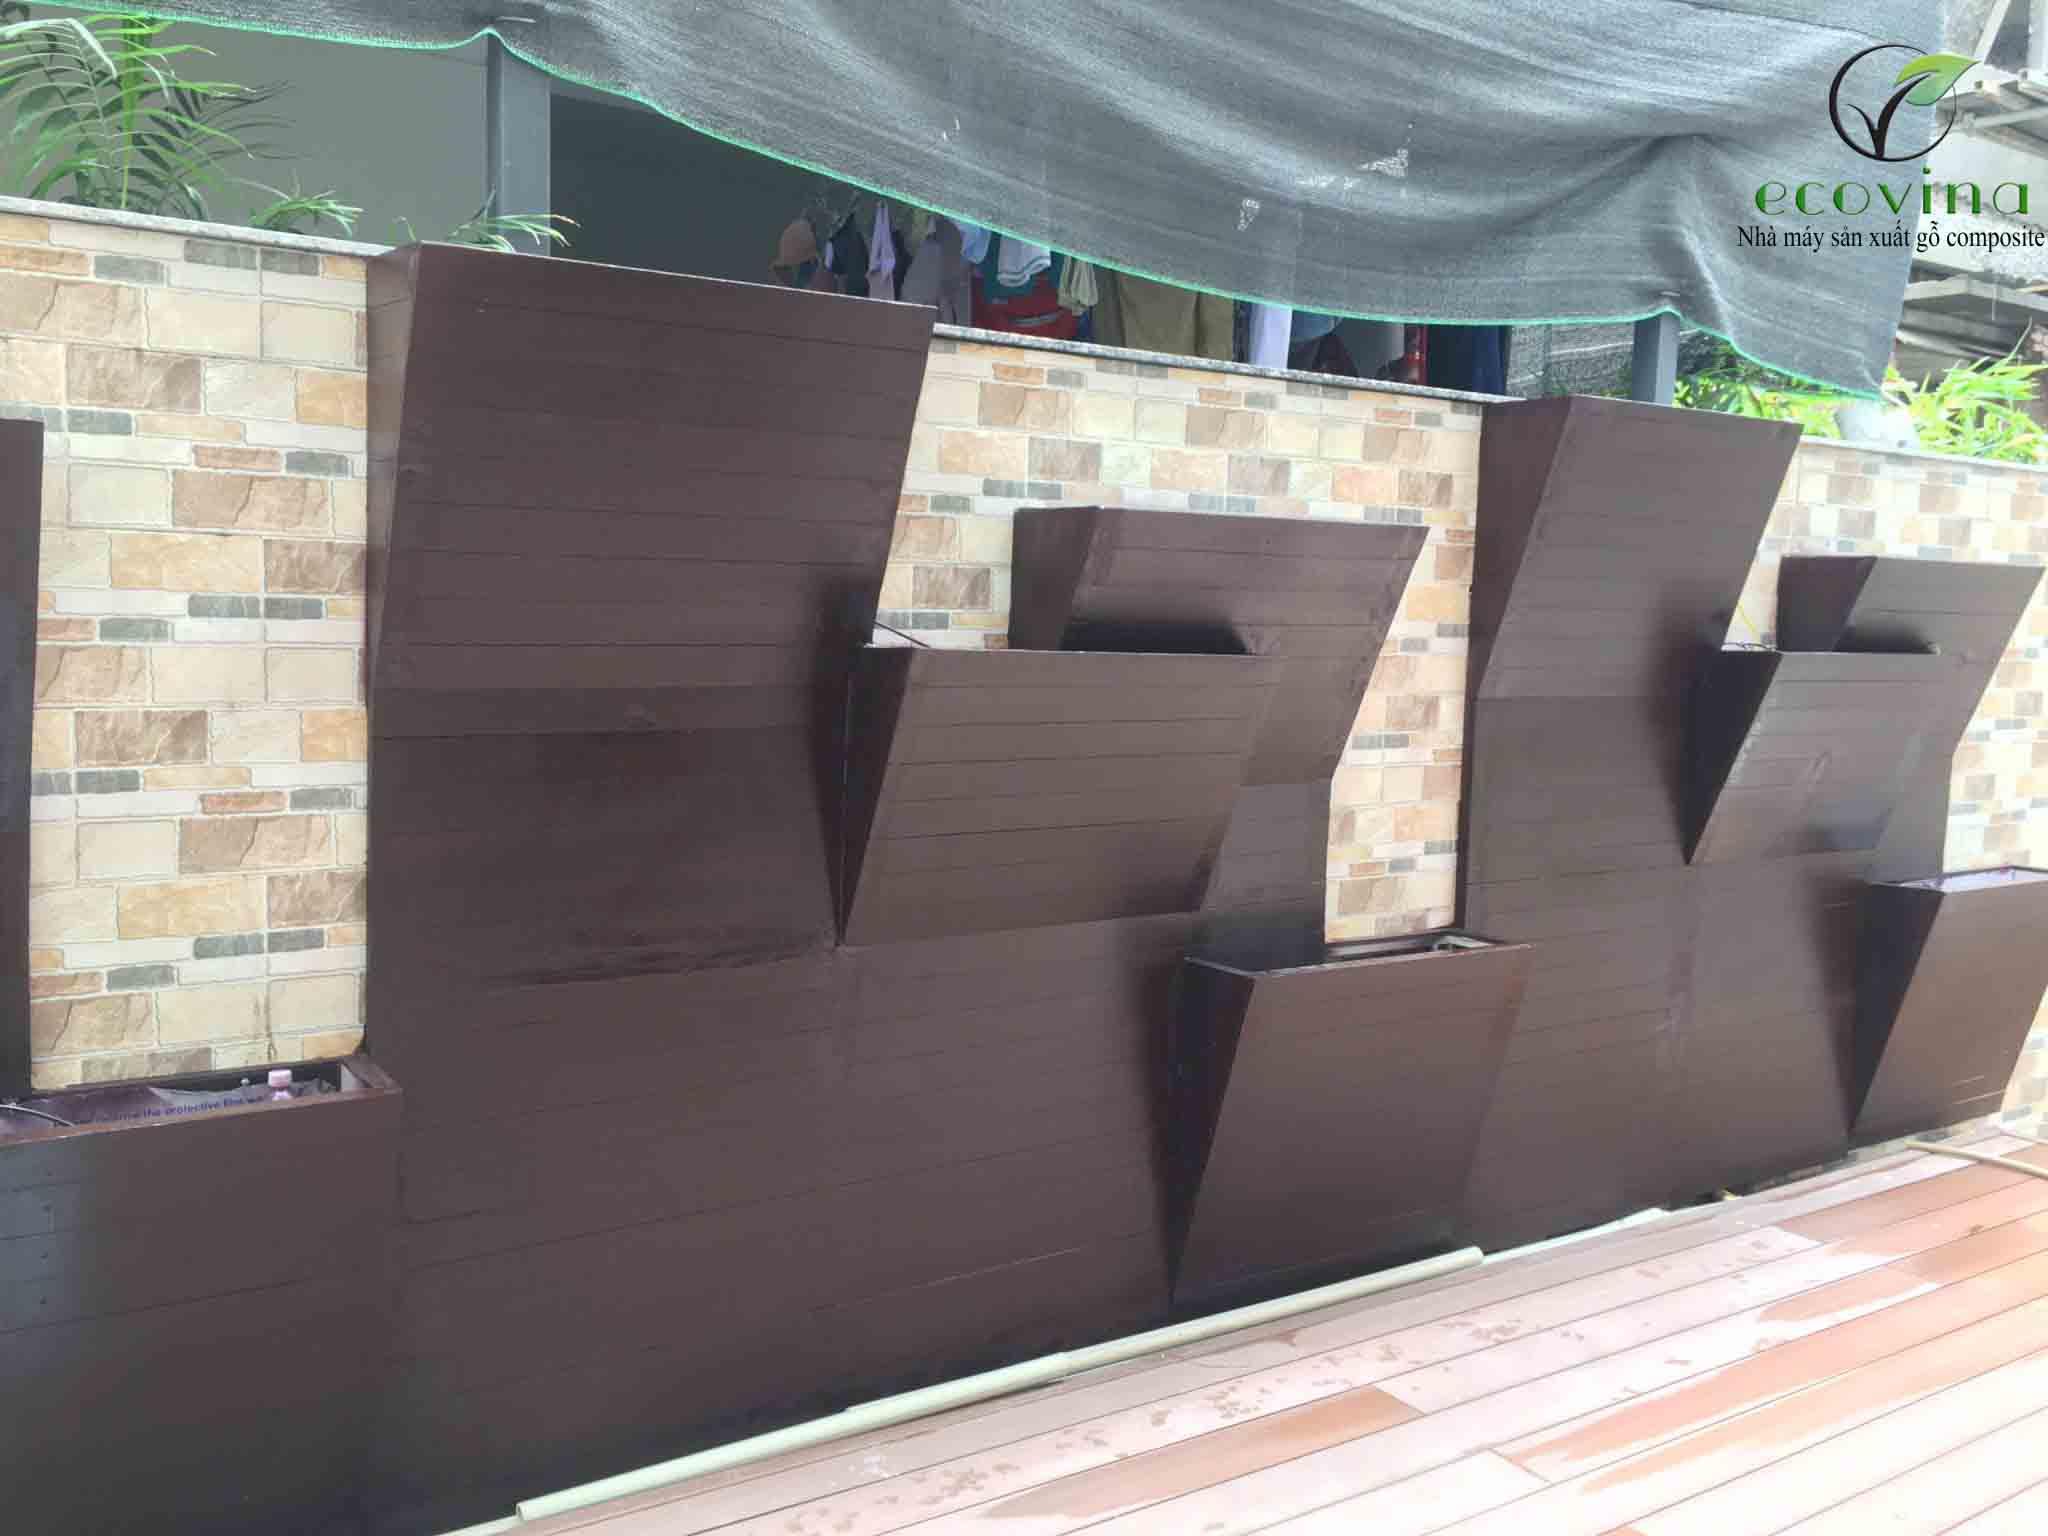 """""""TạiTại sao bạn nên chọn tấm ốp tường gỗ nhựa composite trong nhà Ecovina?"""